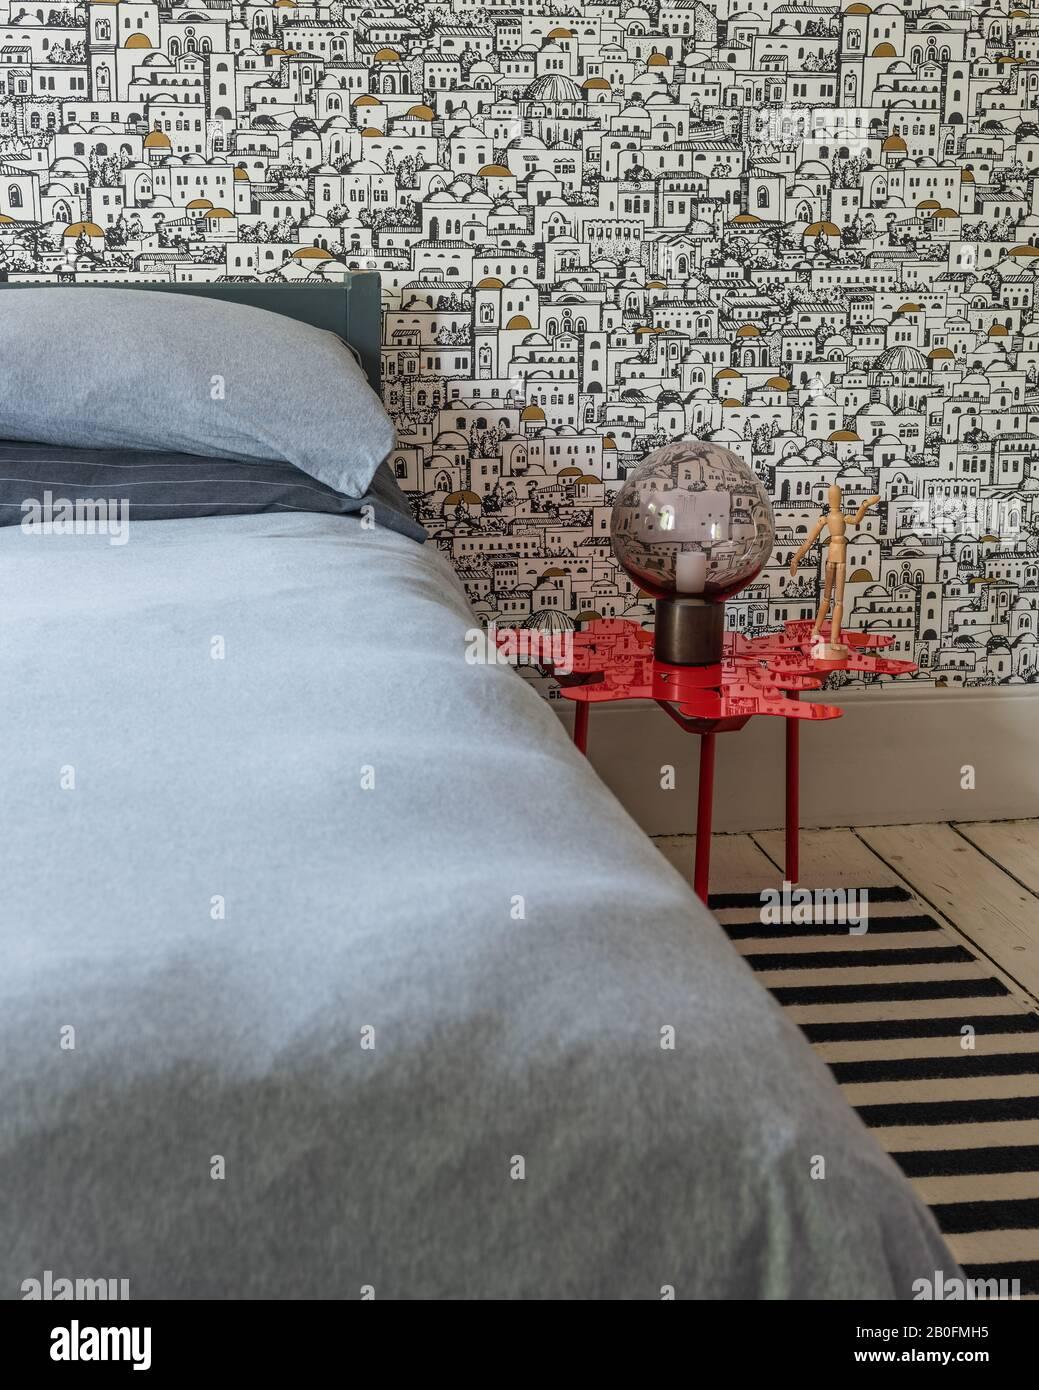 Papier peint noir et blanc et tapis rayé avec table de Moroso. Le fond d'écran est Mediterraneo de Coles. La lampe de table Moon est par CTO Lighting. Banque D'Images